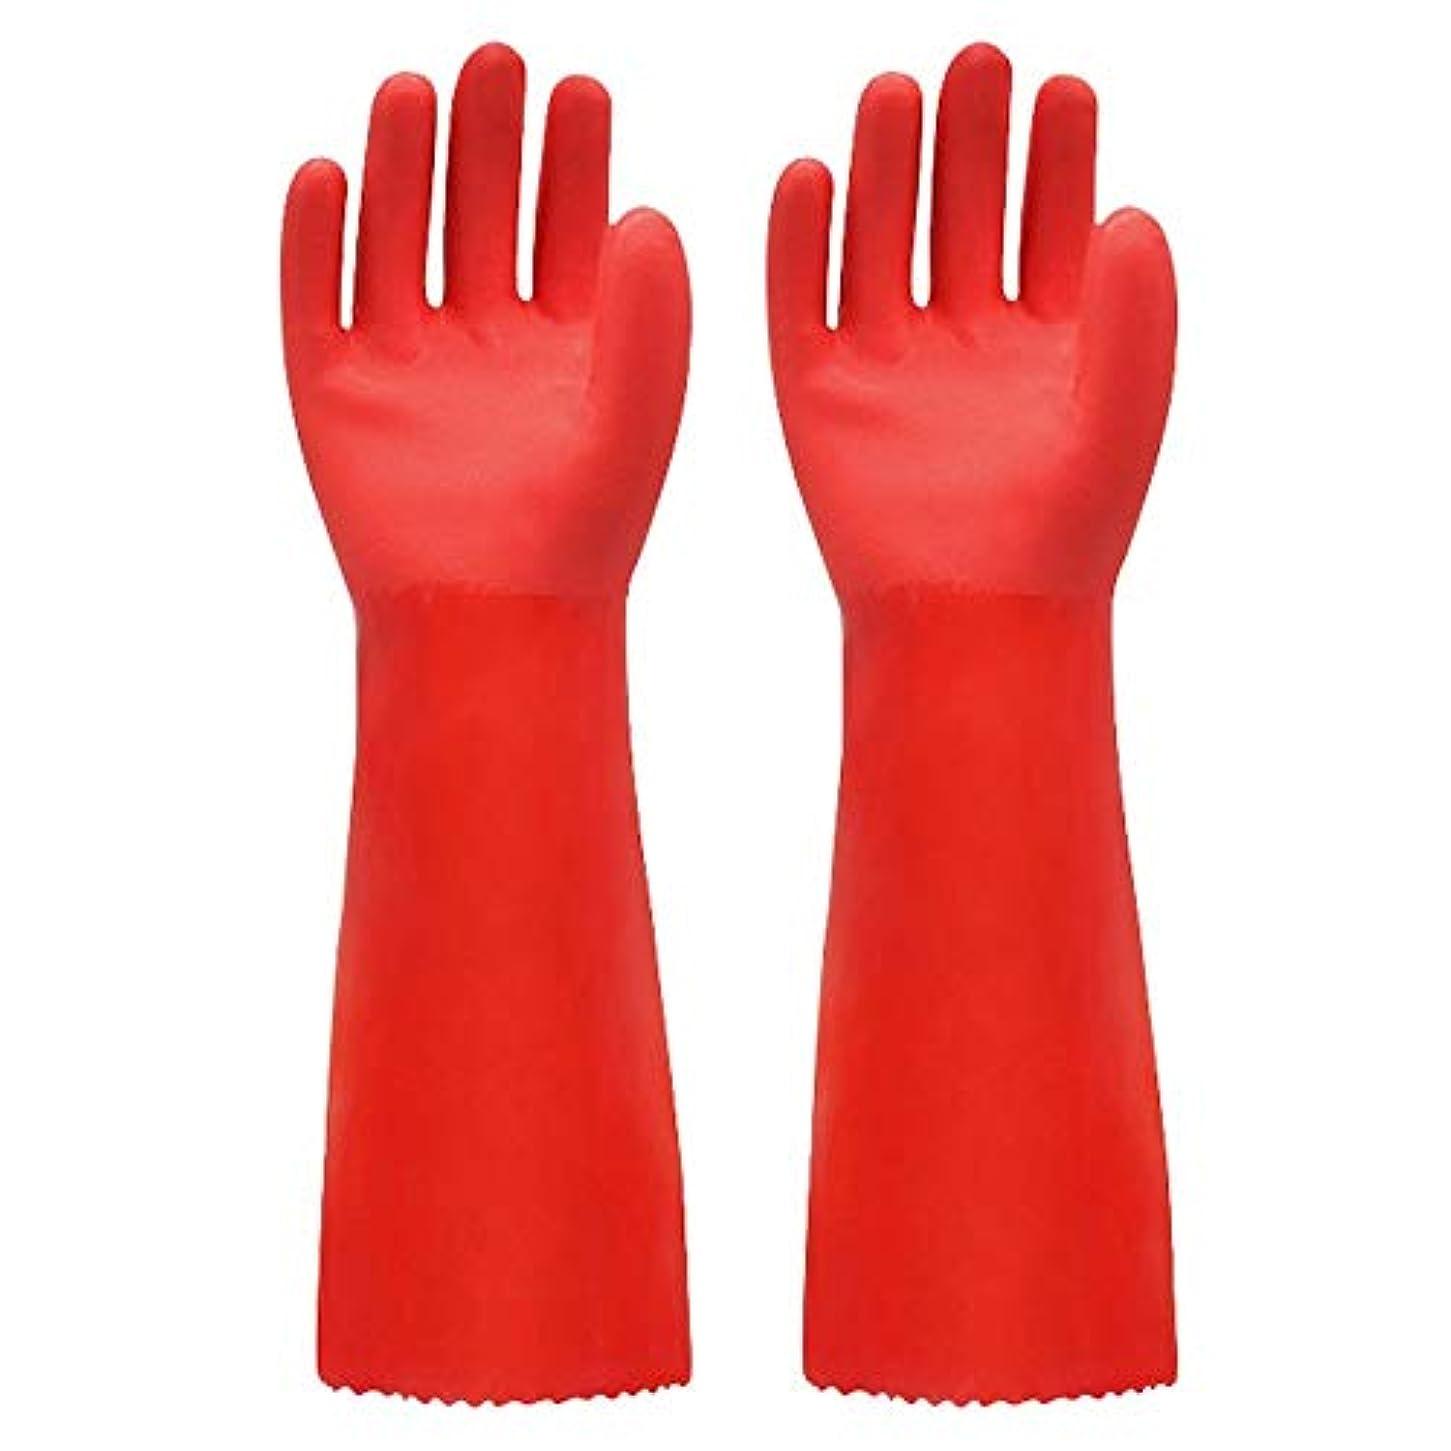 よりただやるきらめくBTXXYJP キッチン用手袋 手袋 掃除用 ロング 耐摩耗 食器洗い 作業 炊事 食器洗い 園芸 洗車 防水 手袋 (Color : RED, Size : L)